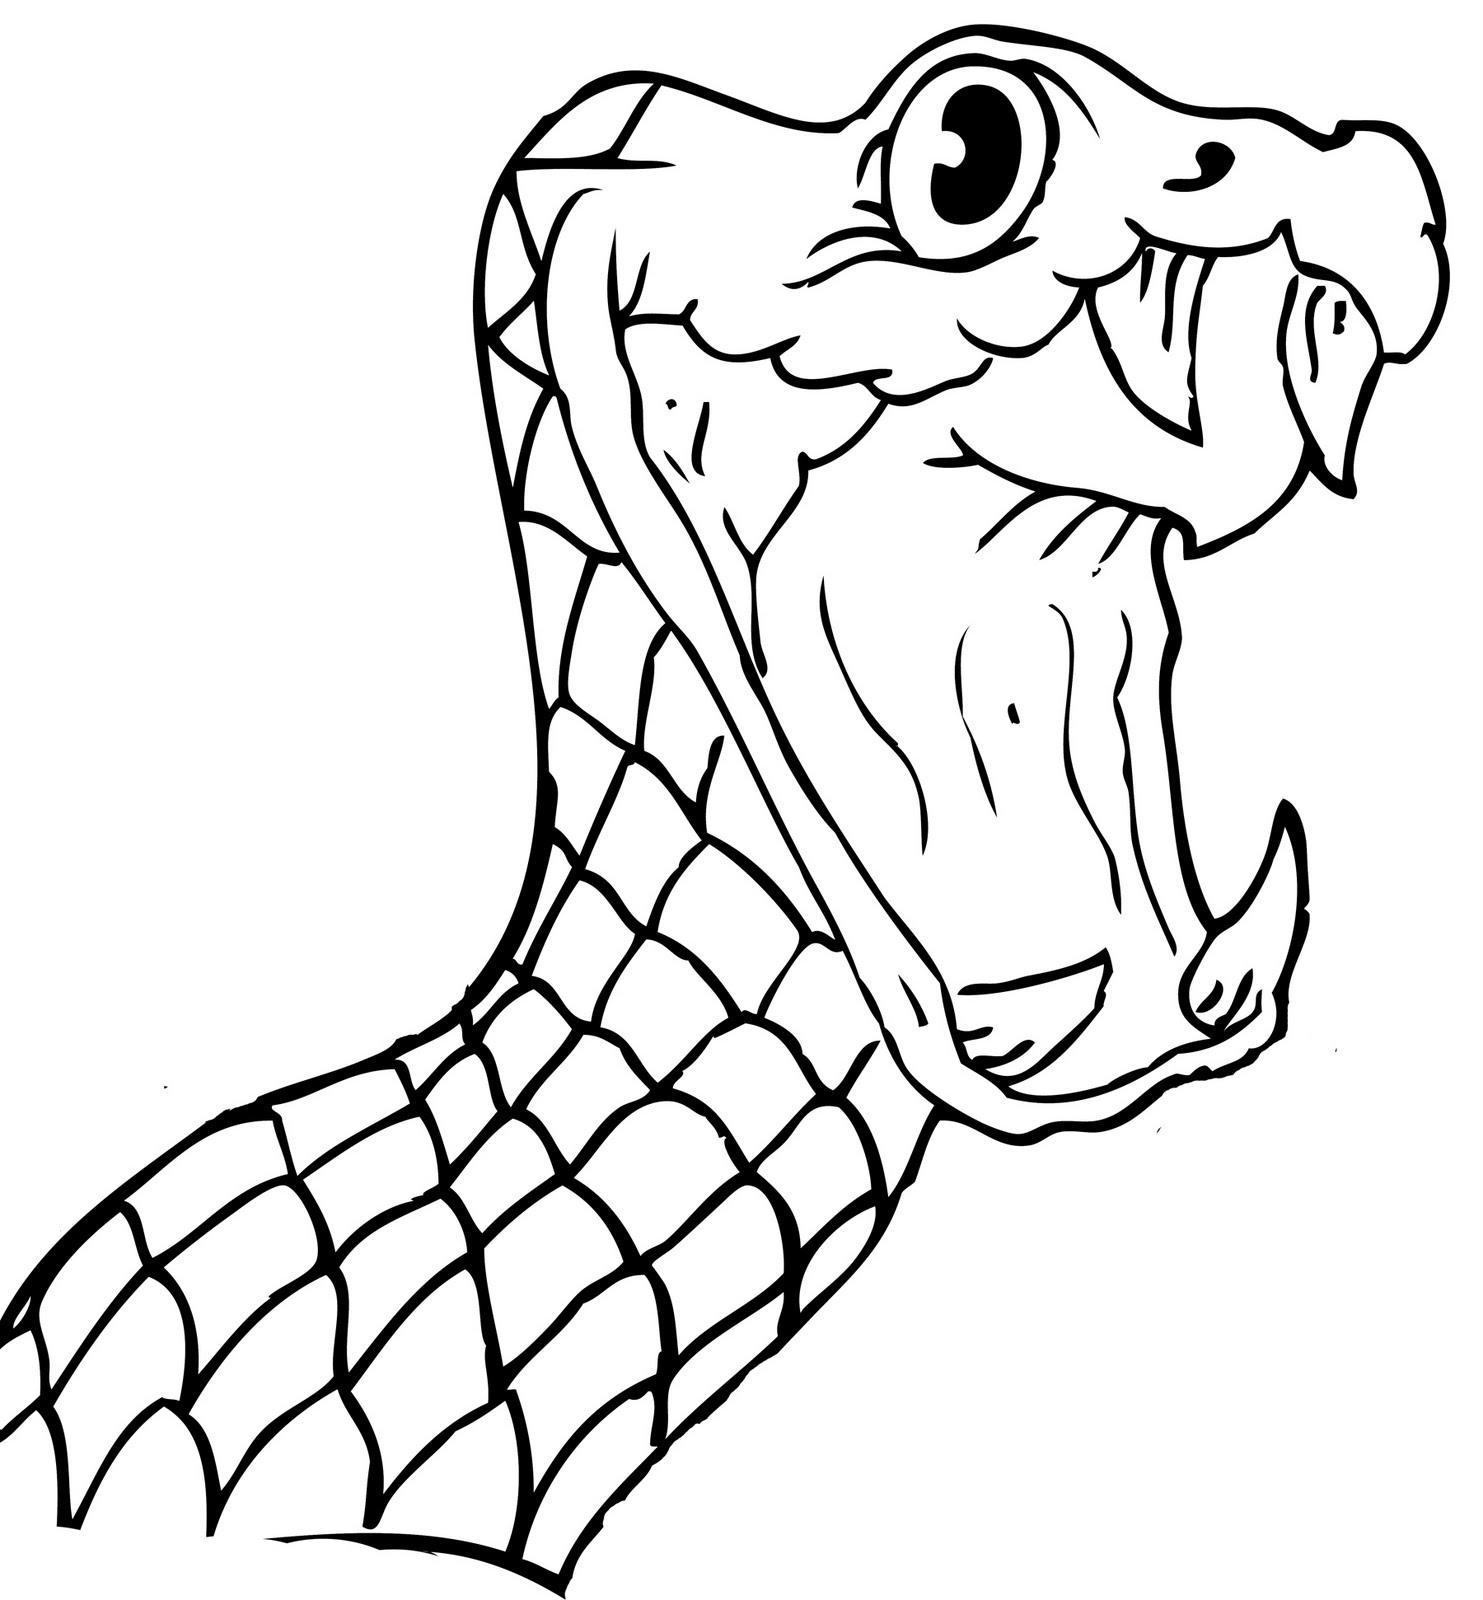 Line Art Snake : Snake line drawing clipart best